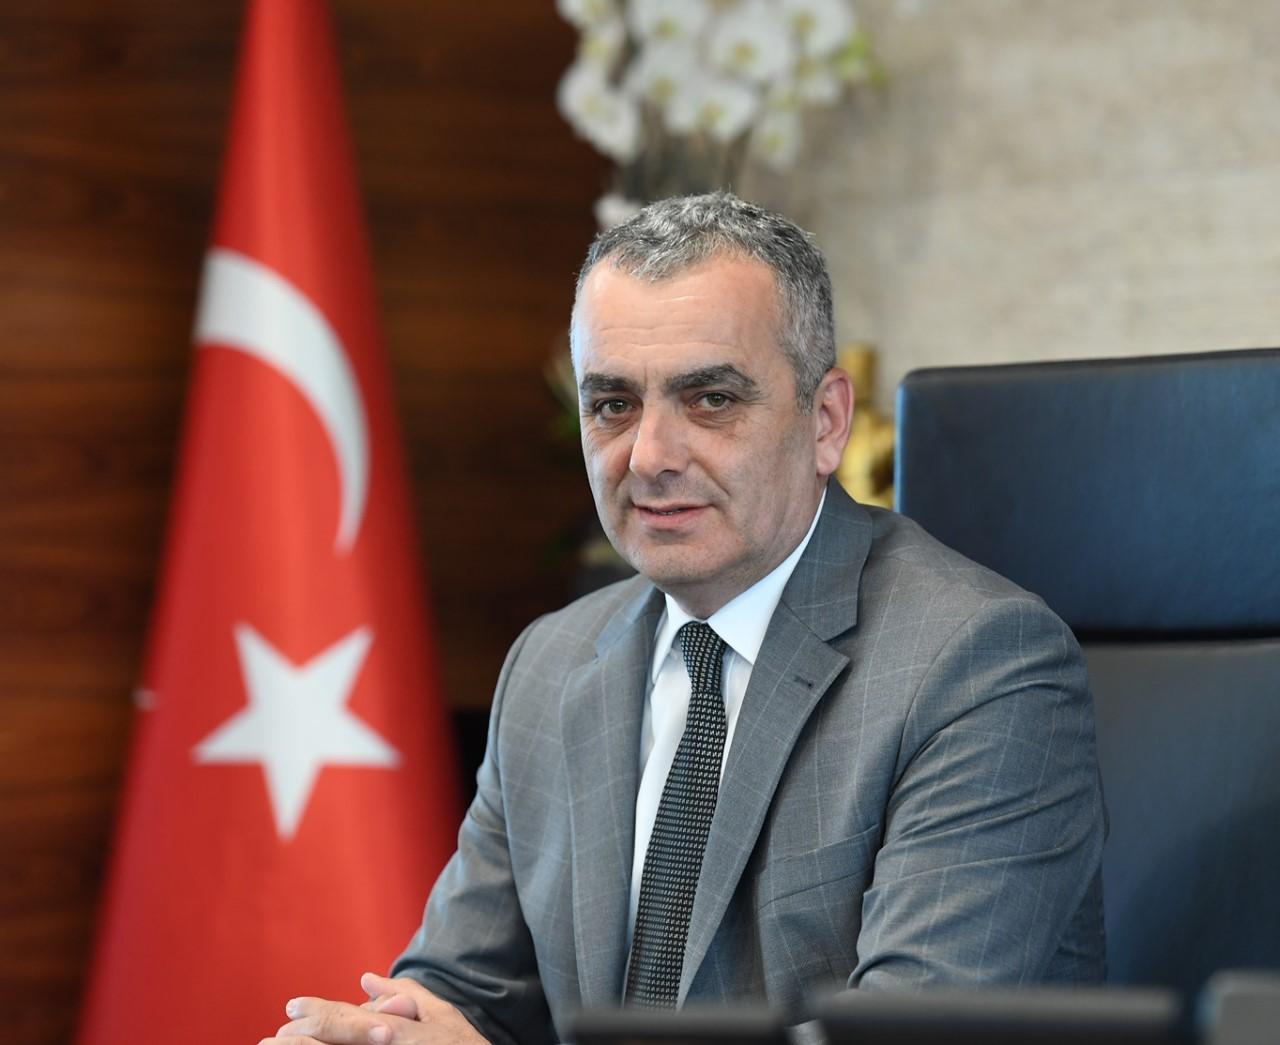 Konyaaltı'nda 100. yıla özel Emre Aydın konseri...